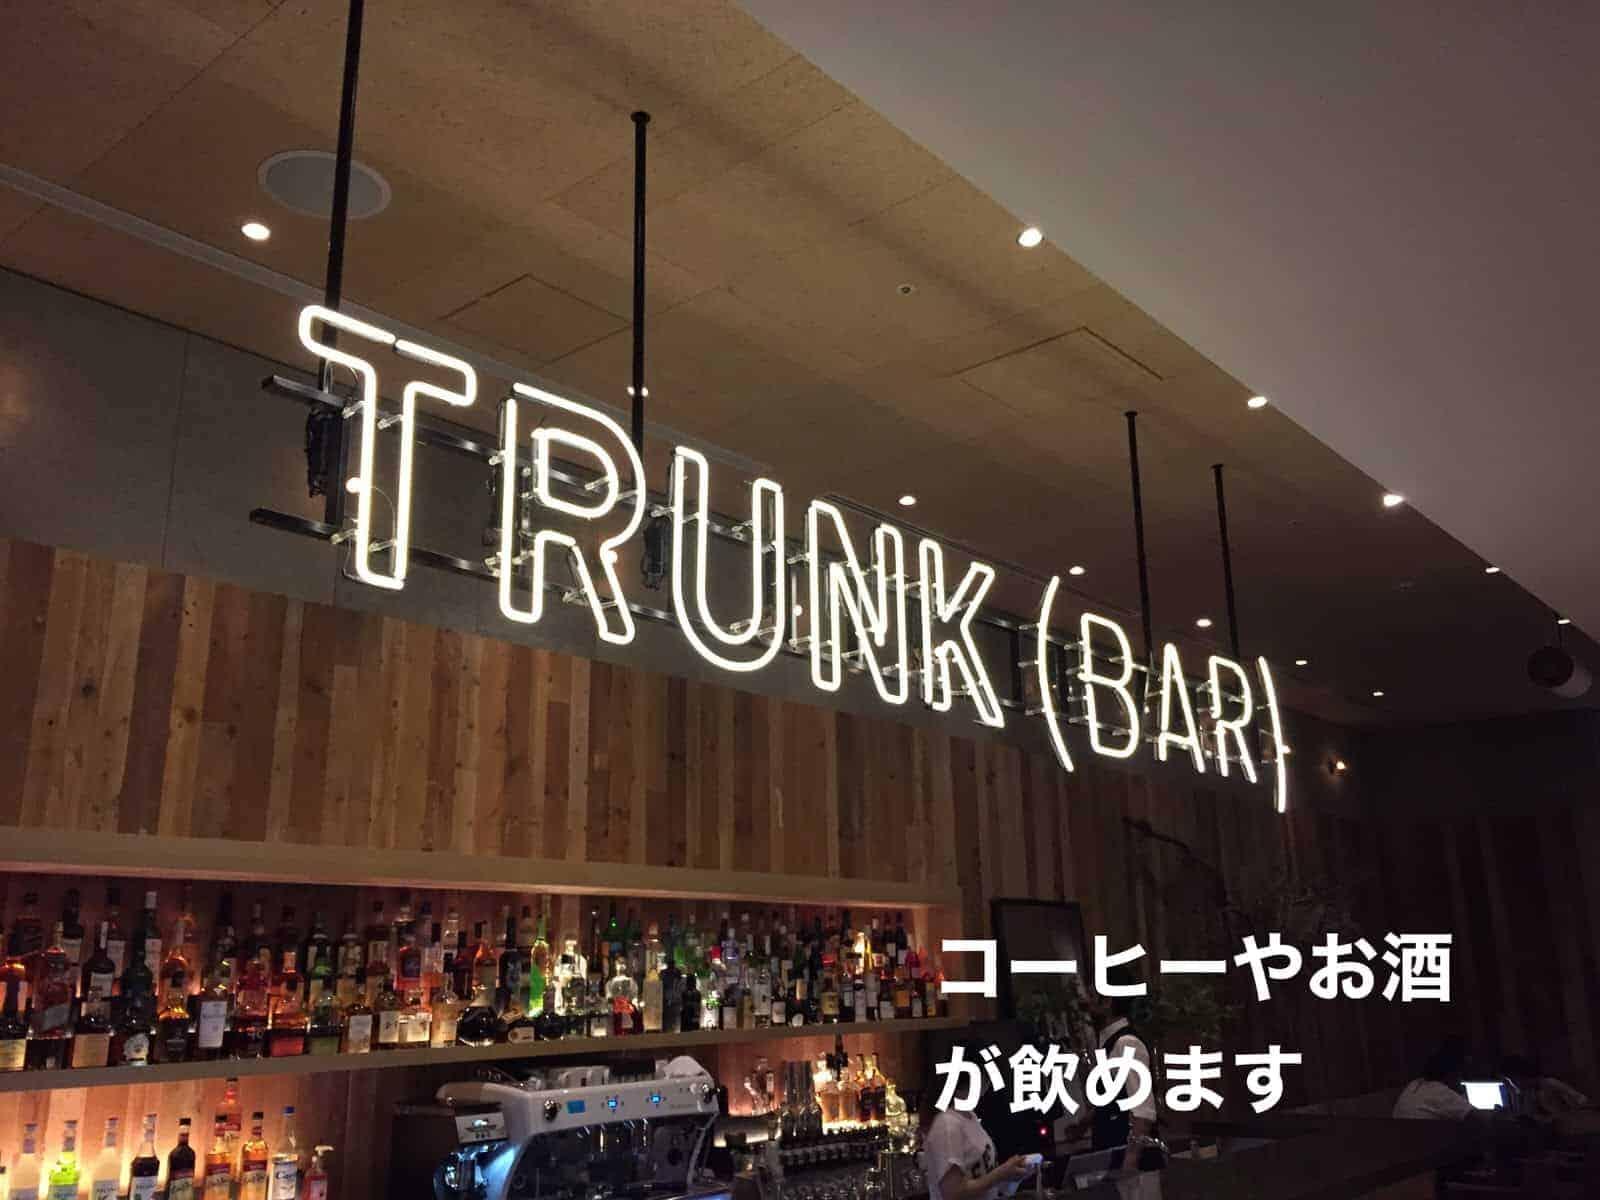 IMG 6902 - 渋谷に社会貢献をコンセプトにしたホテル「トランクホテル」ができたので見に行ってきた。